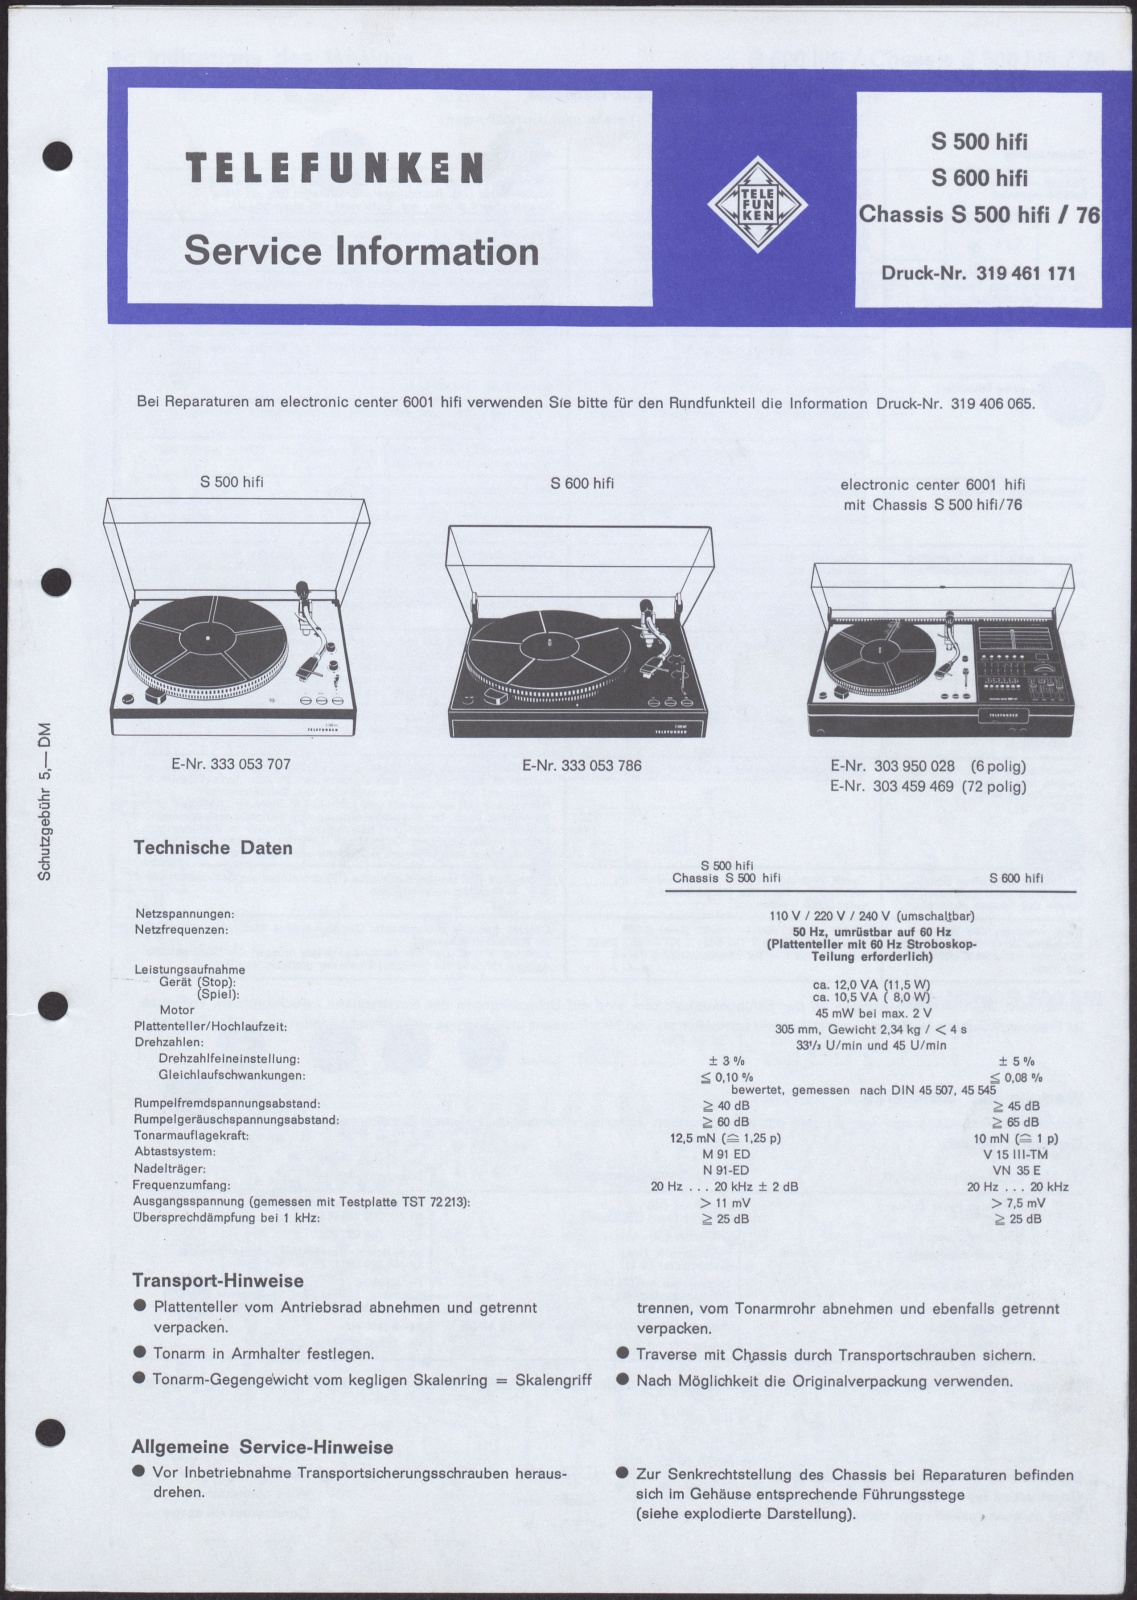 Bedienungsanleitung: Telefunken Service Information für